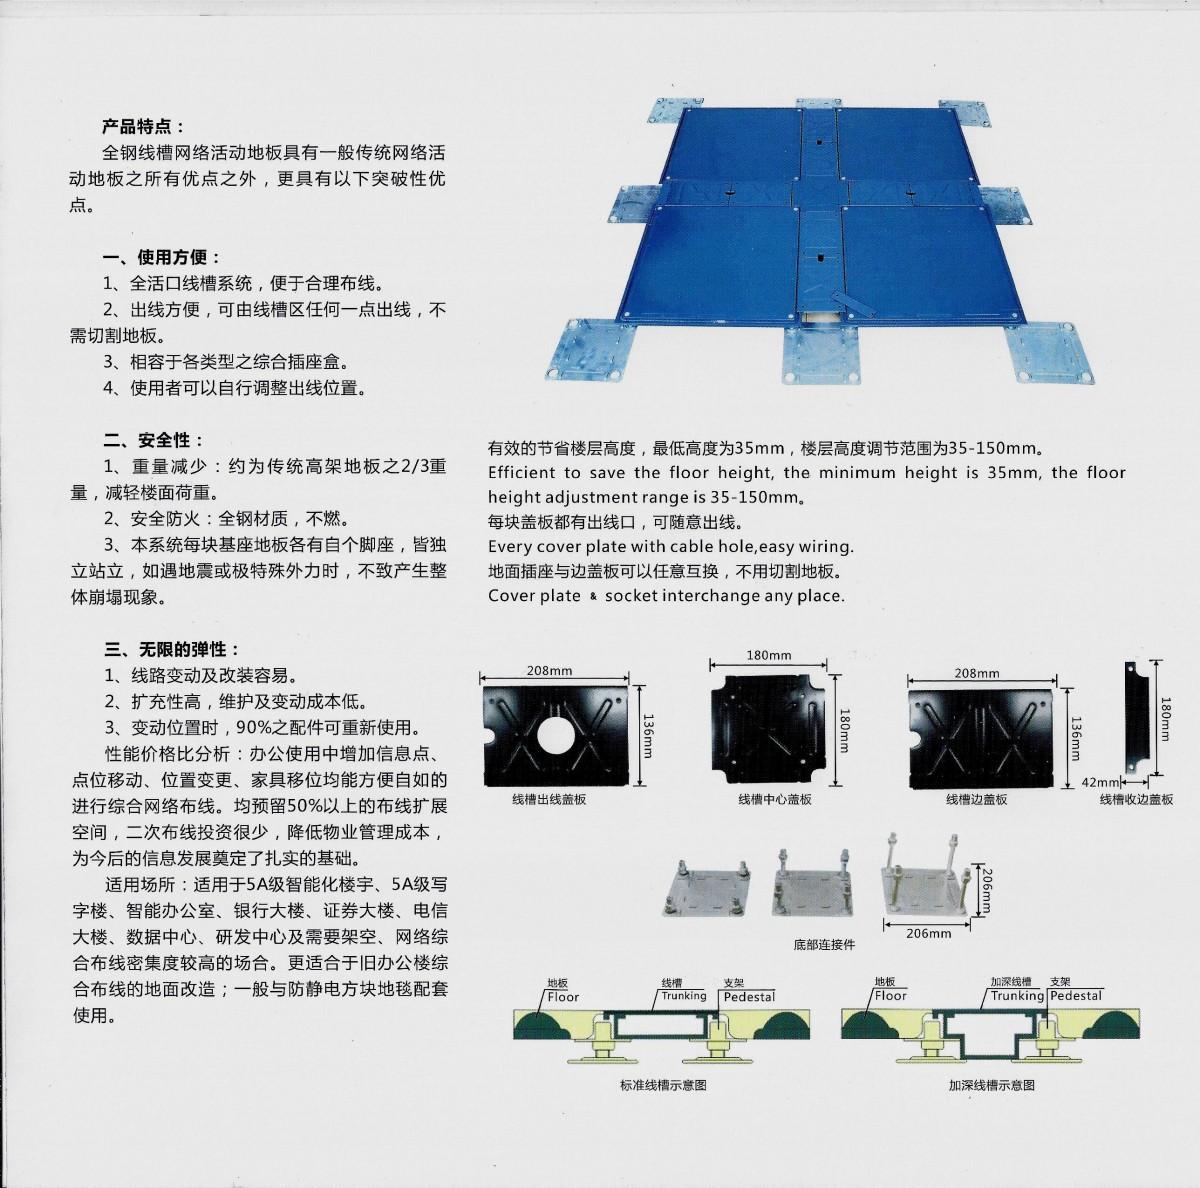 全鋼線槽網絡活動地板 (2)